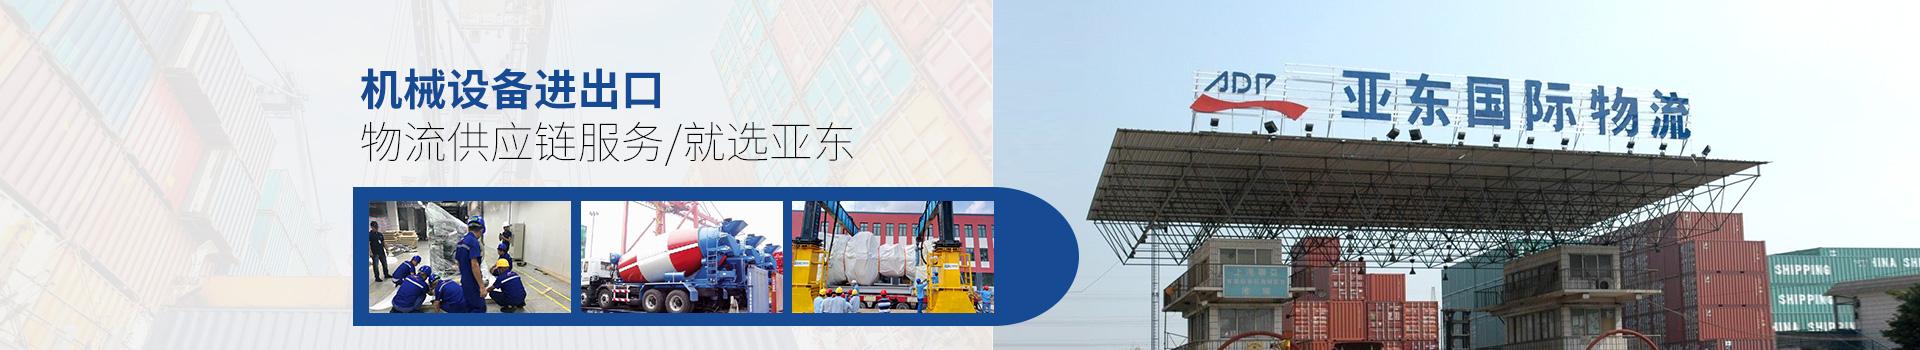 亚东供应链-机械设备进出口